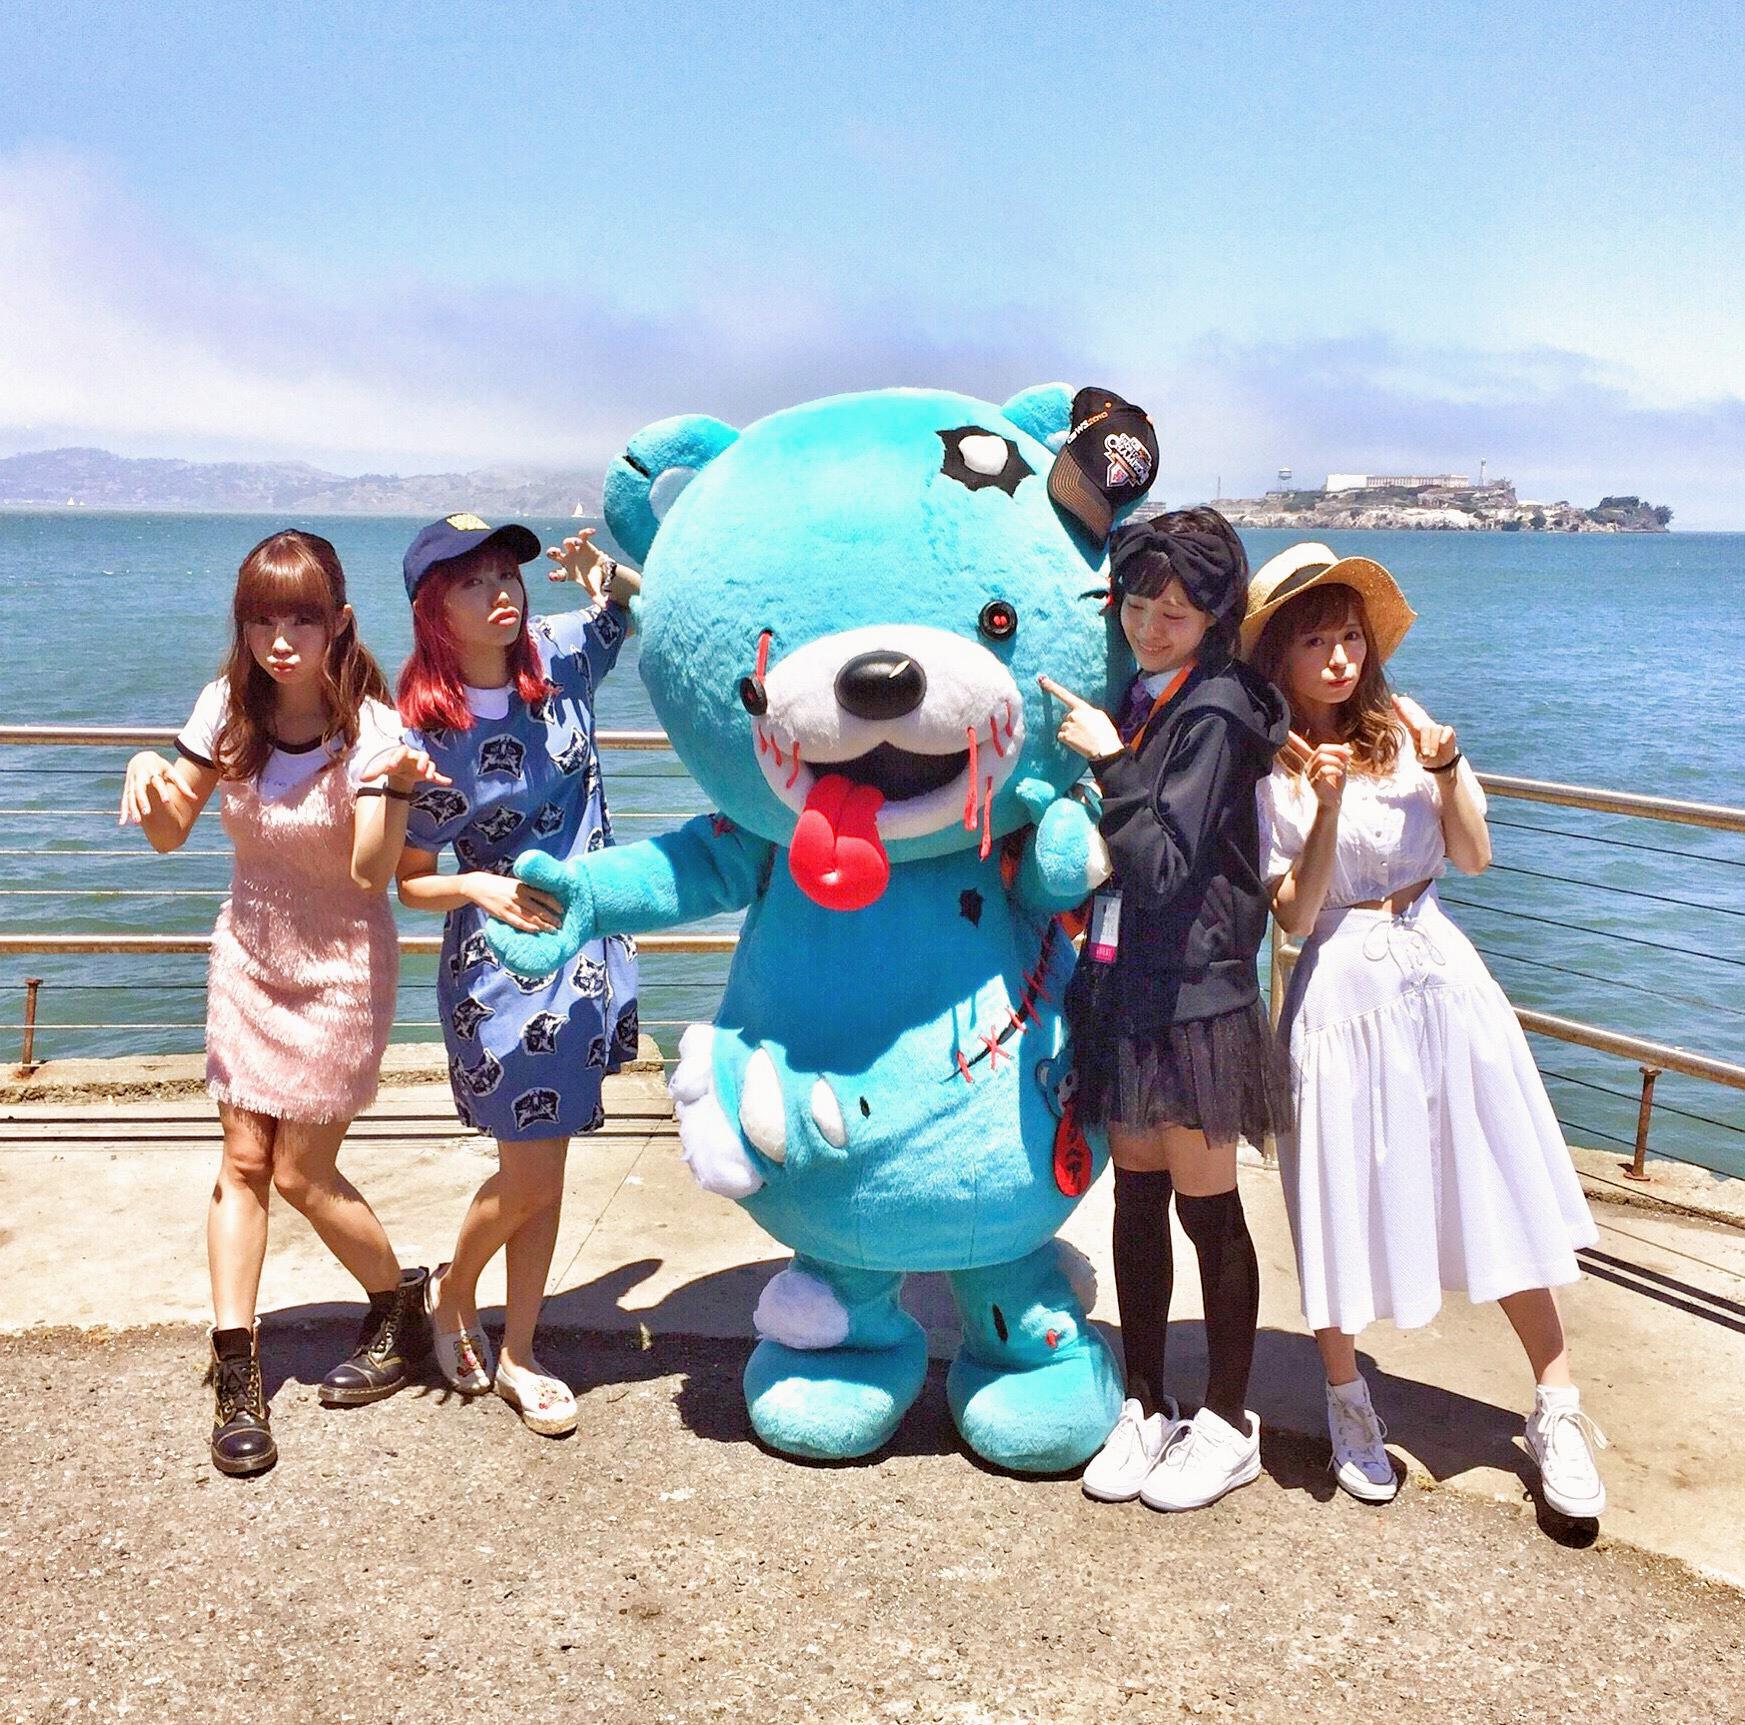 RMMS-Go-Torch-J-Pop-Summit-2016-recap2A